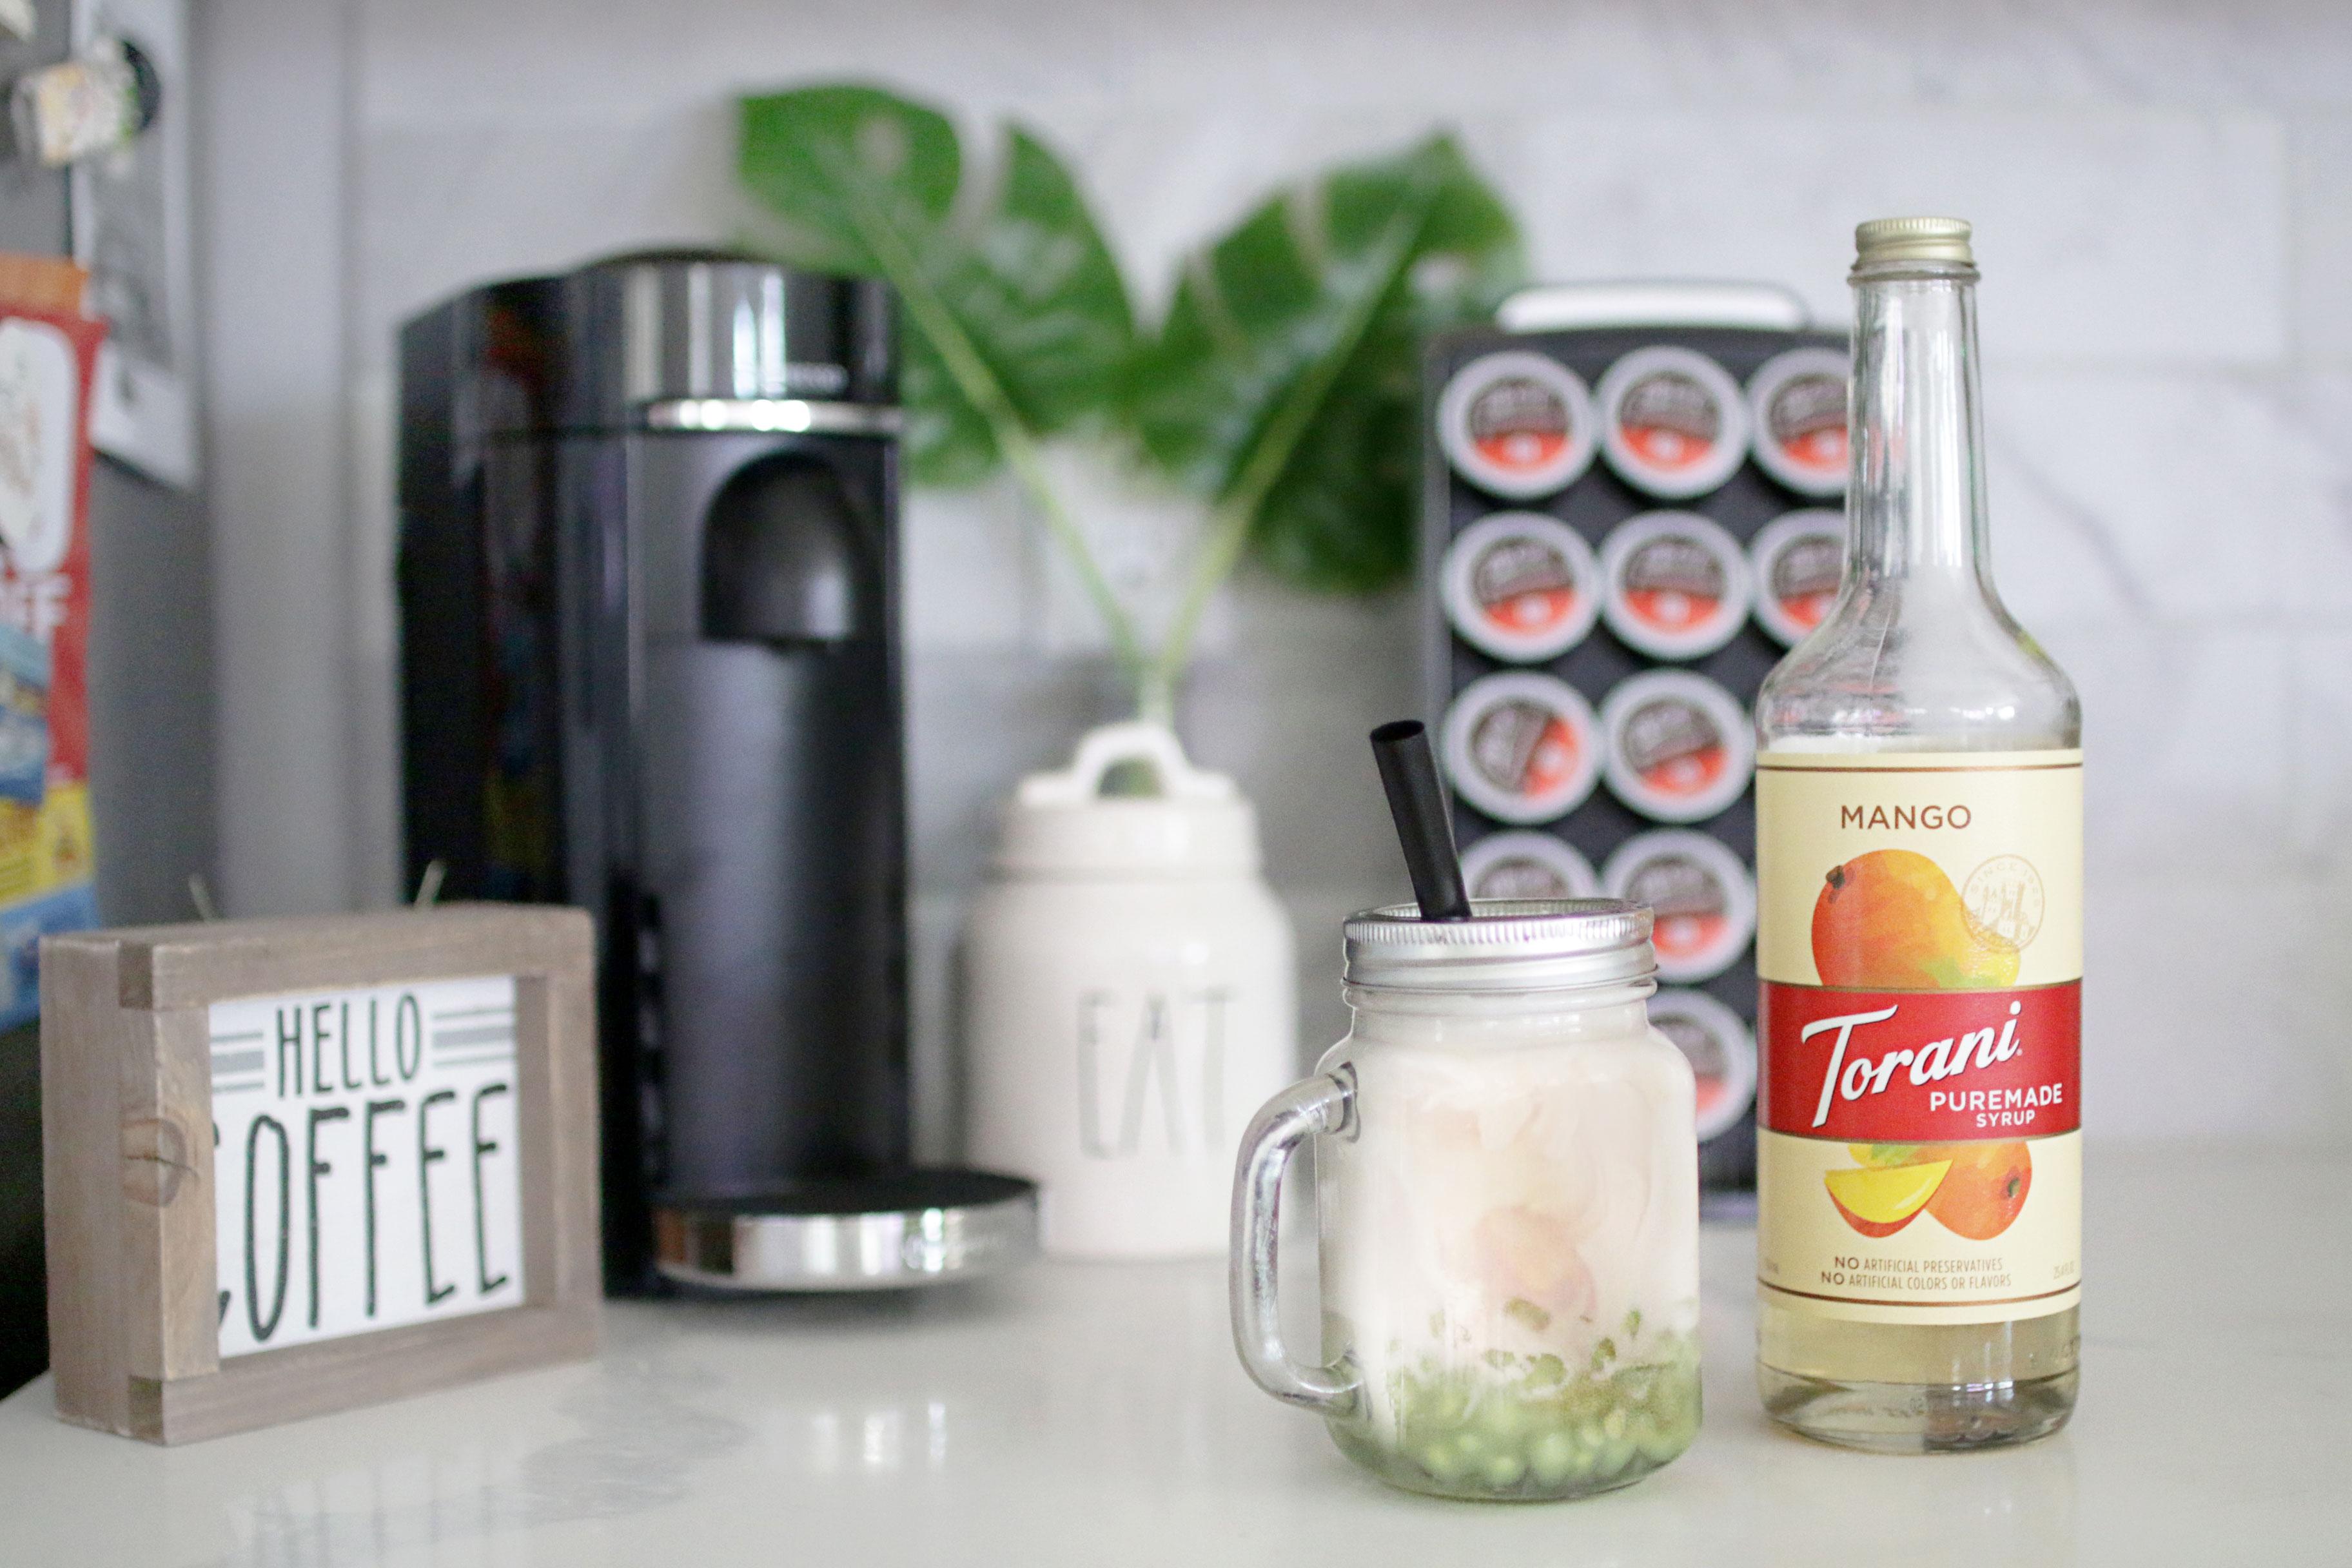 Torani Puremade Mango Syrup Boba Milk Tea